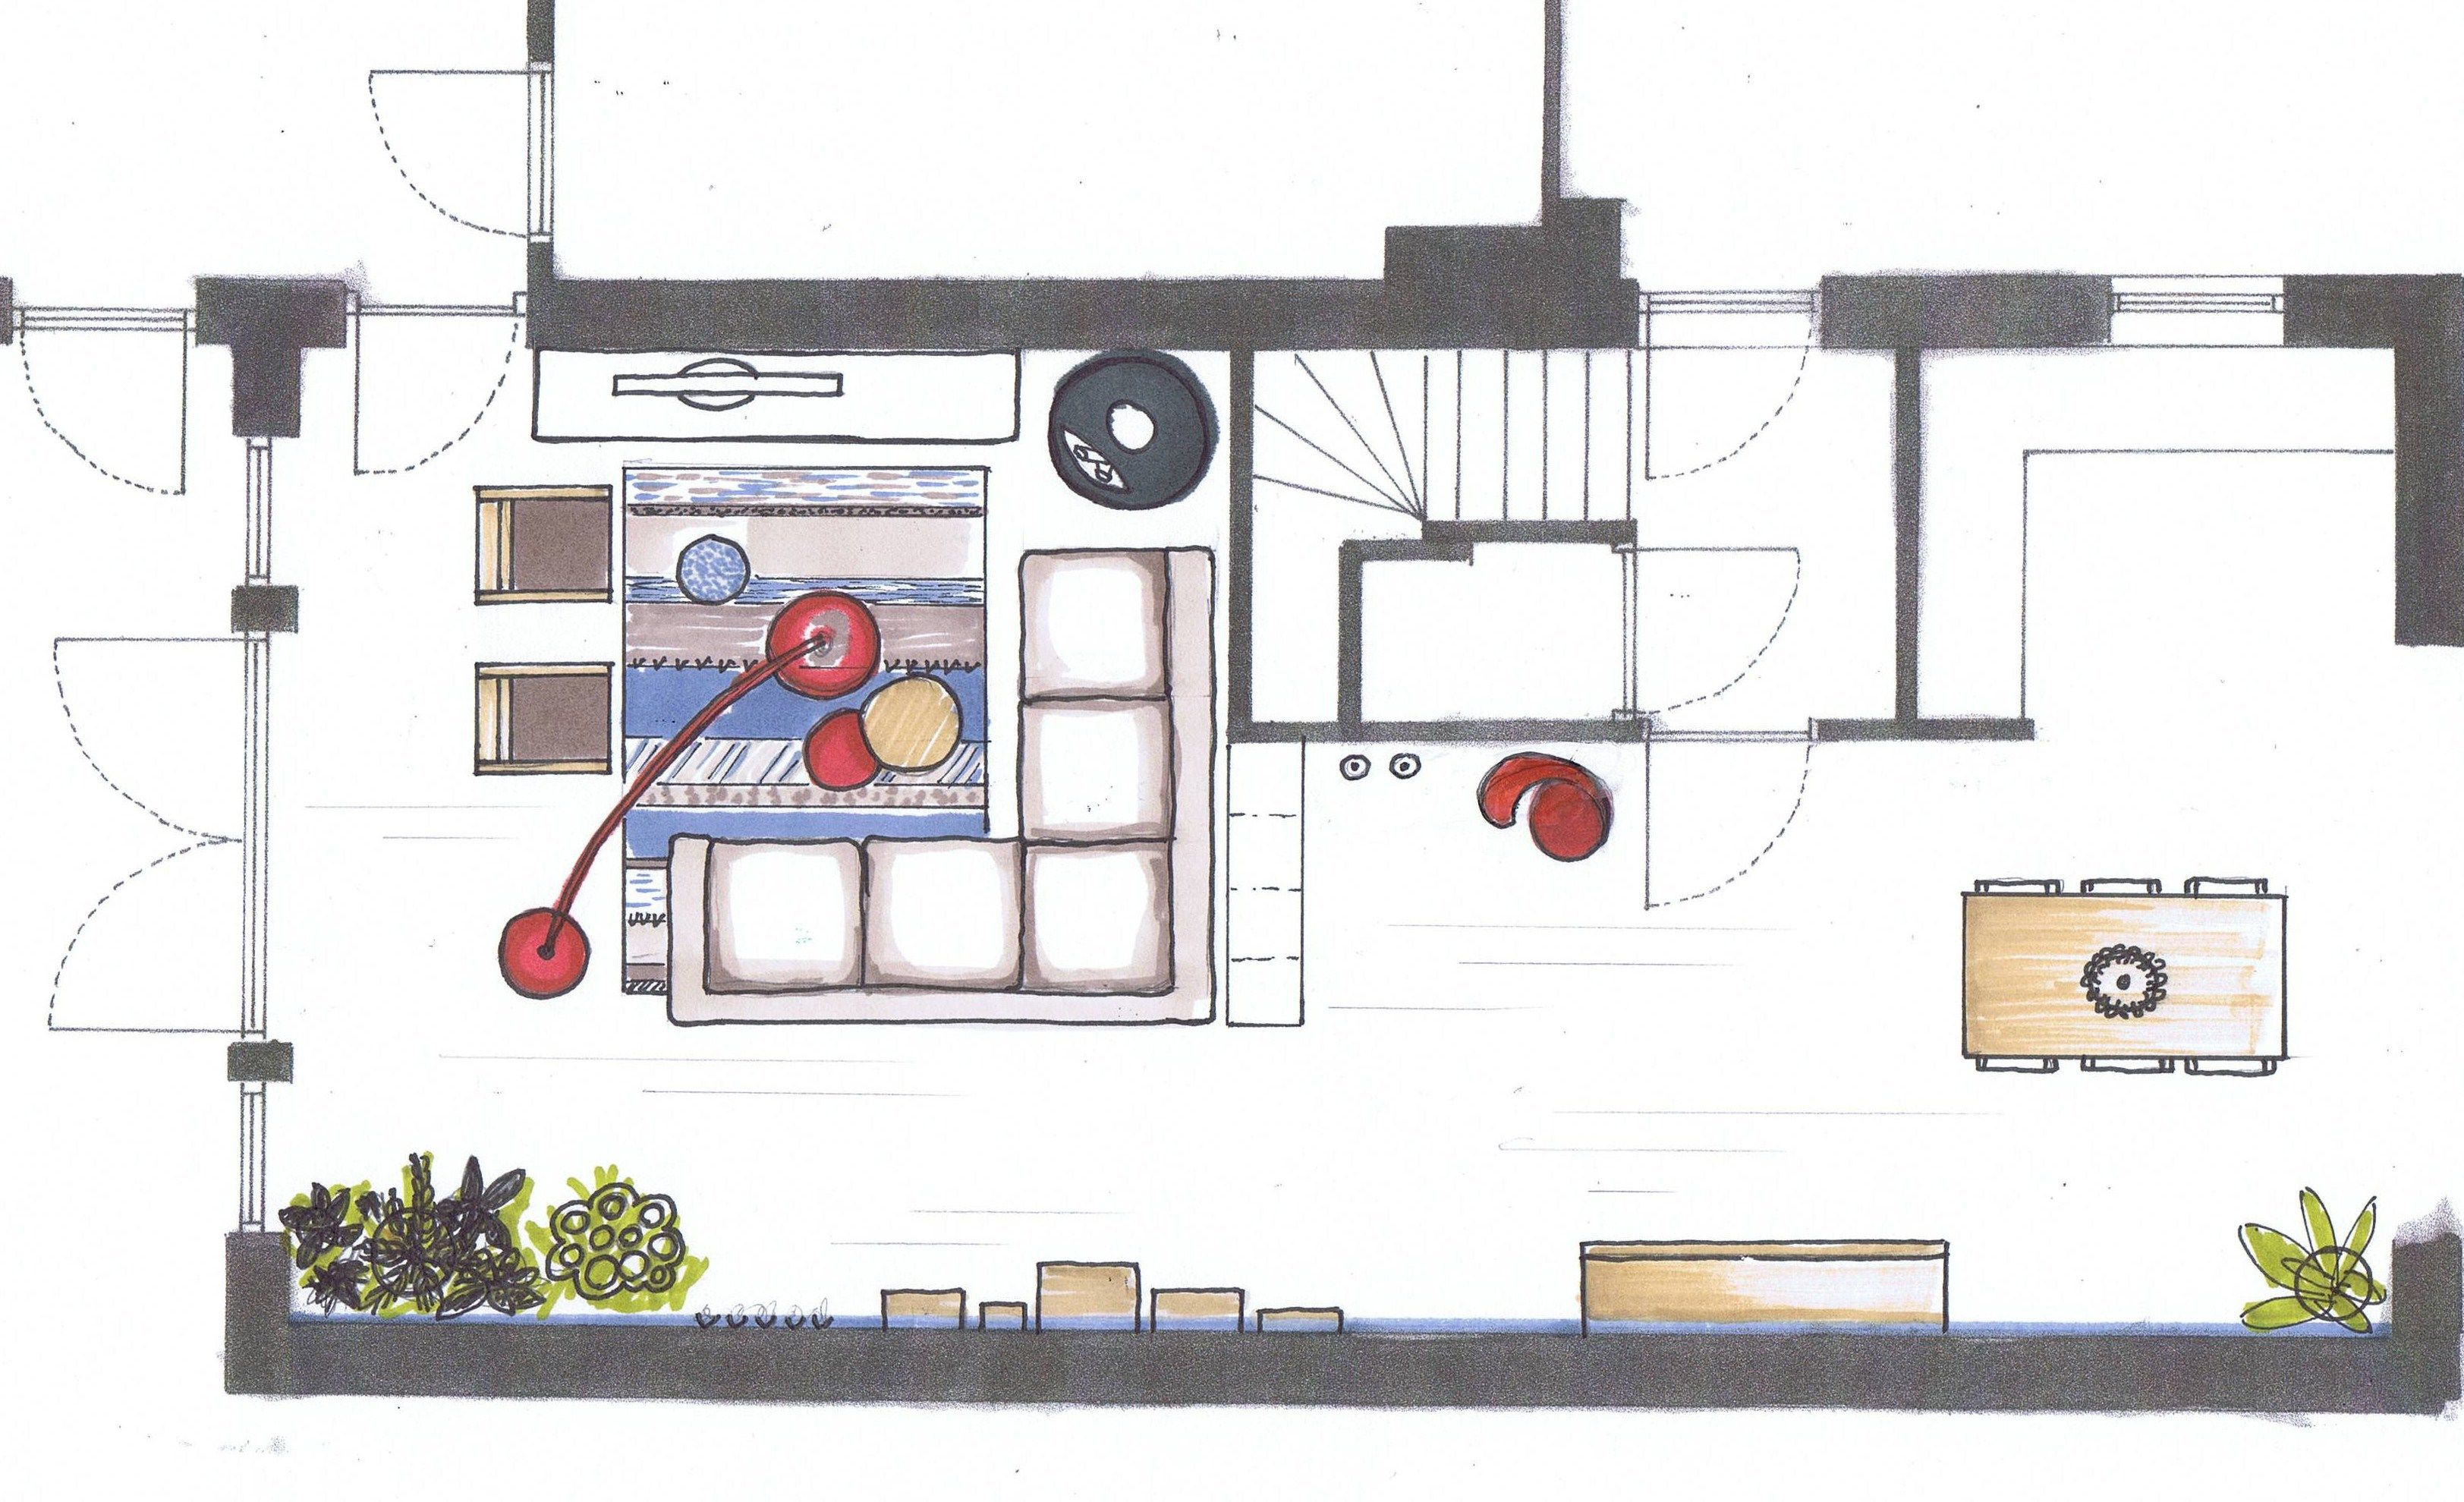 indeling u vormige woonkamer - Google zoeken | woonkamers | Pinterest